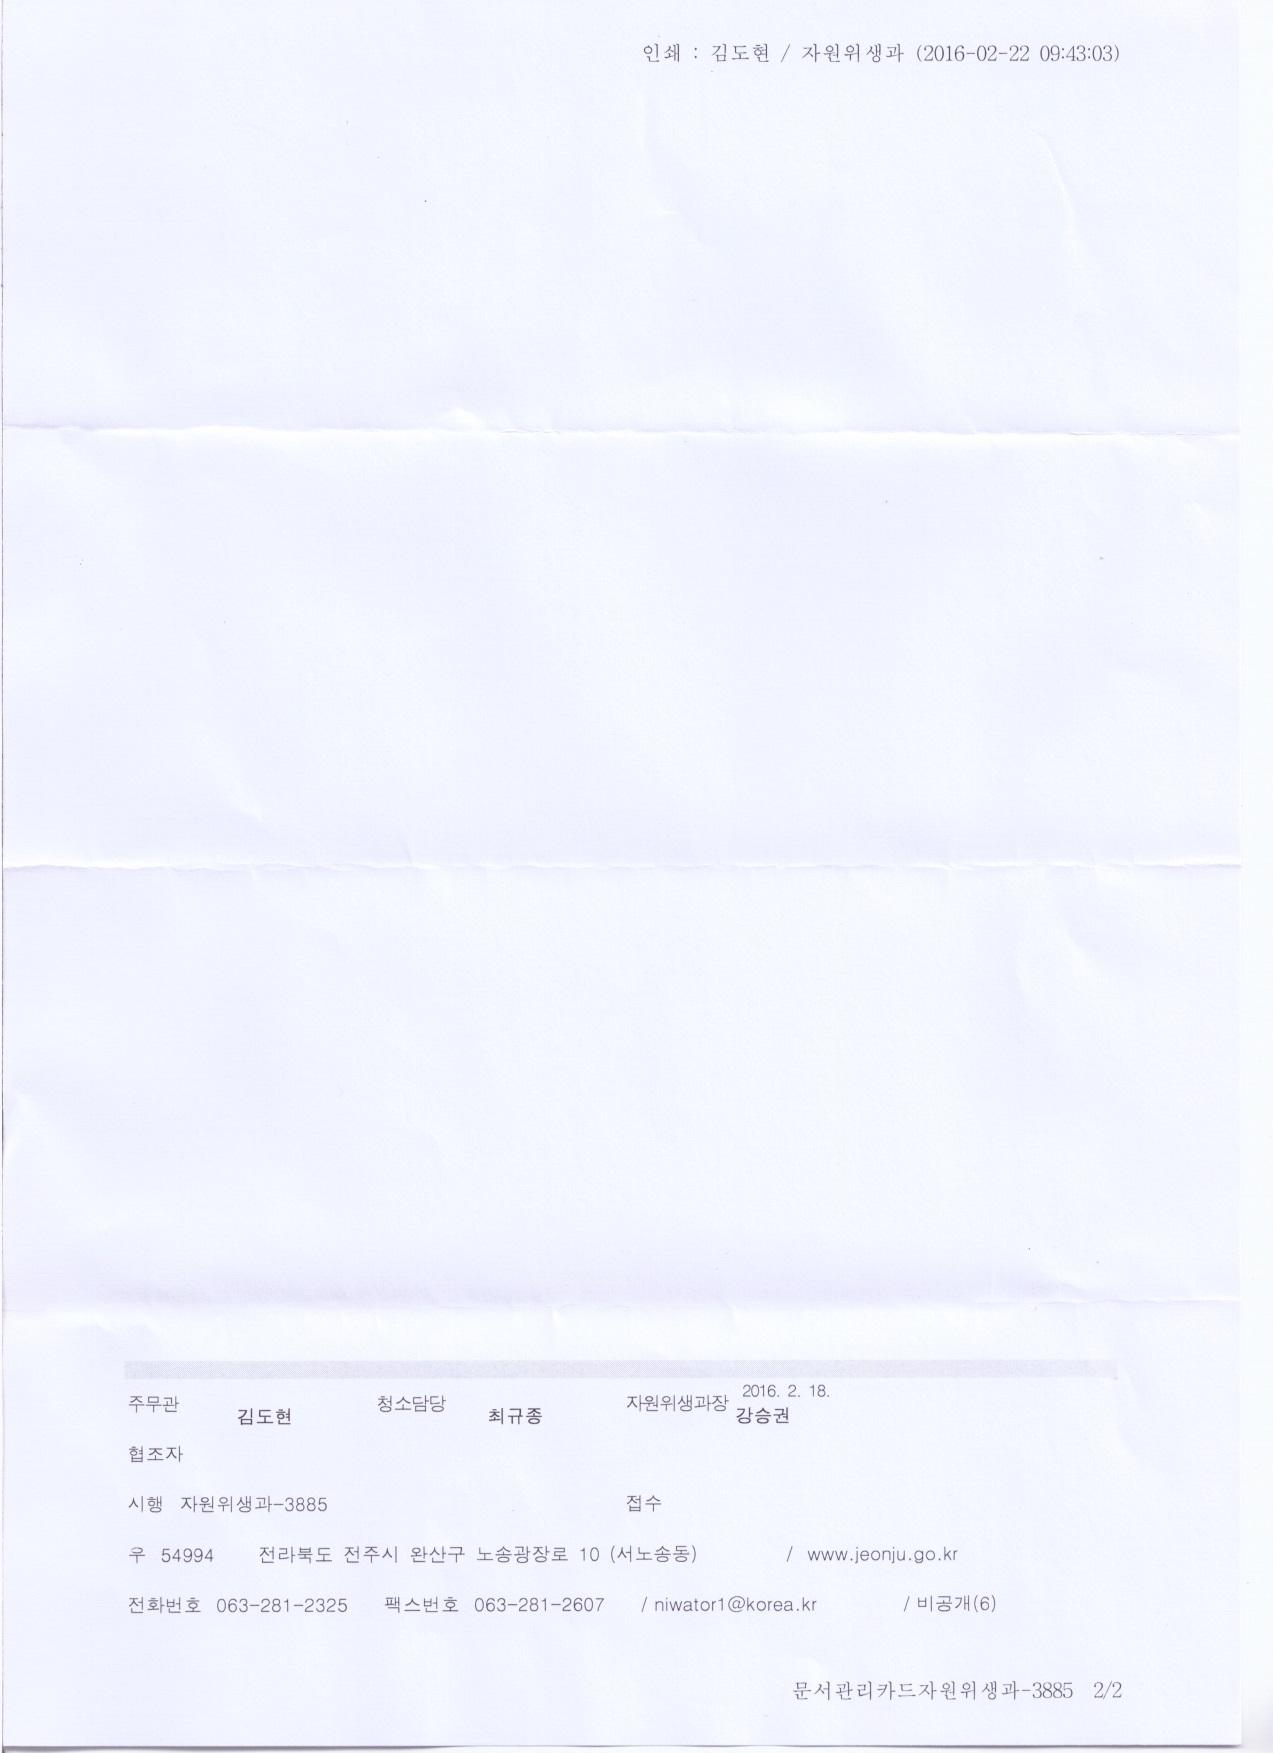 16.2.18_전주시자원위생과-3885(국민신문고 답변)2.jpg